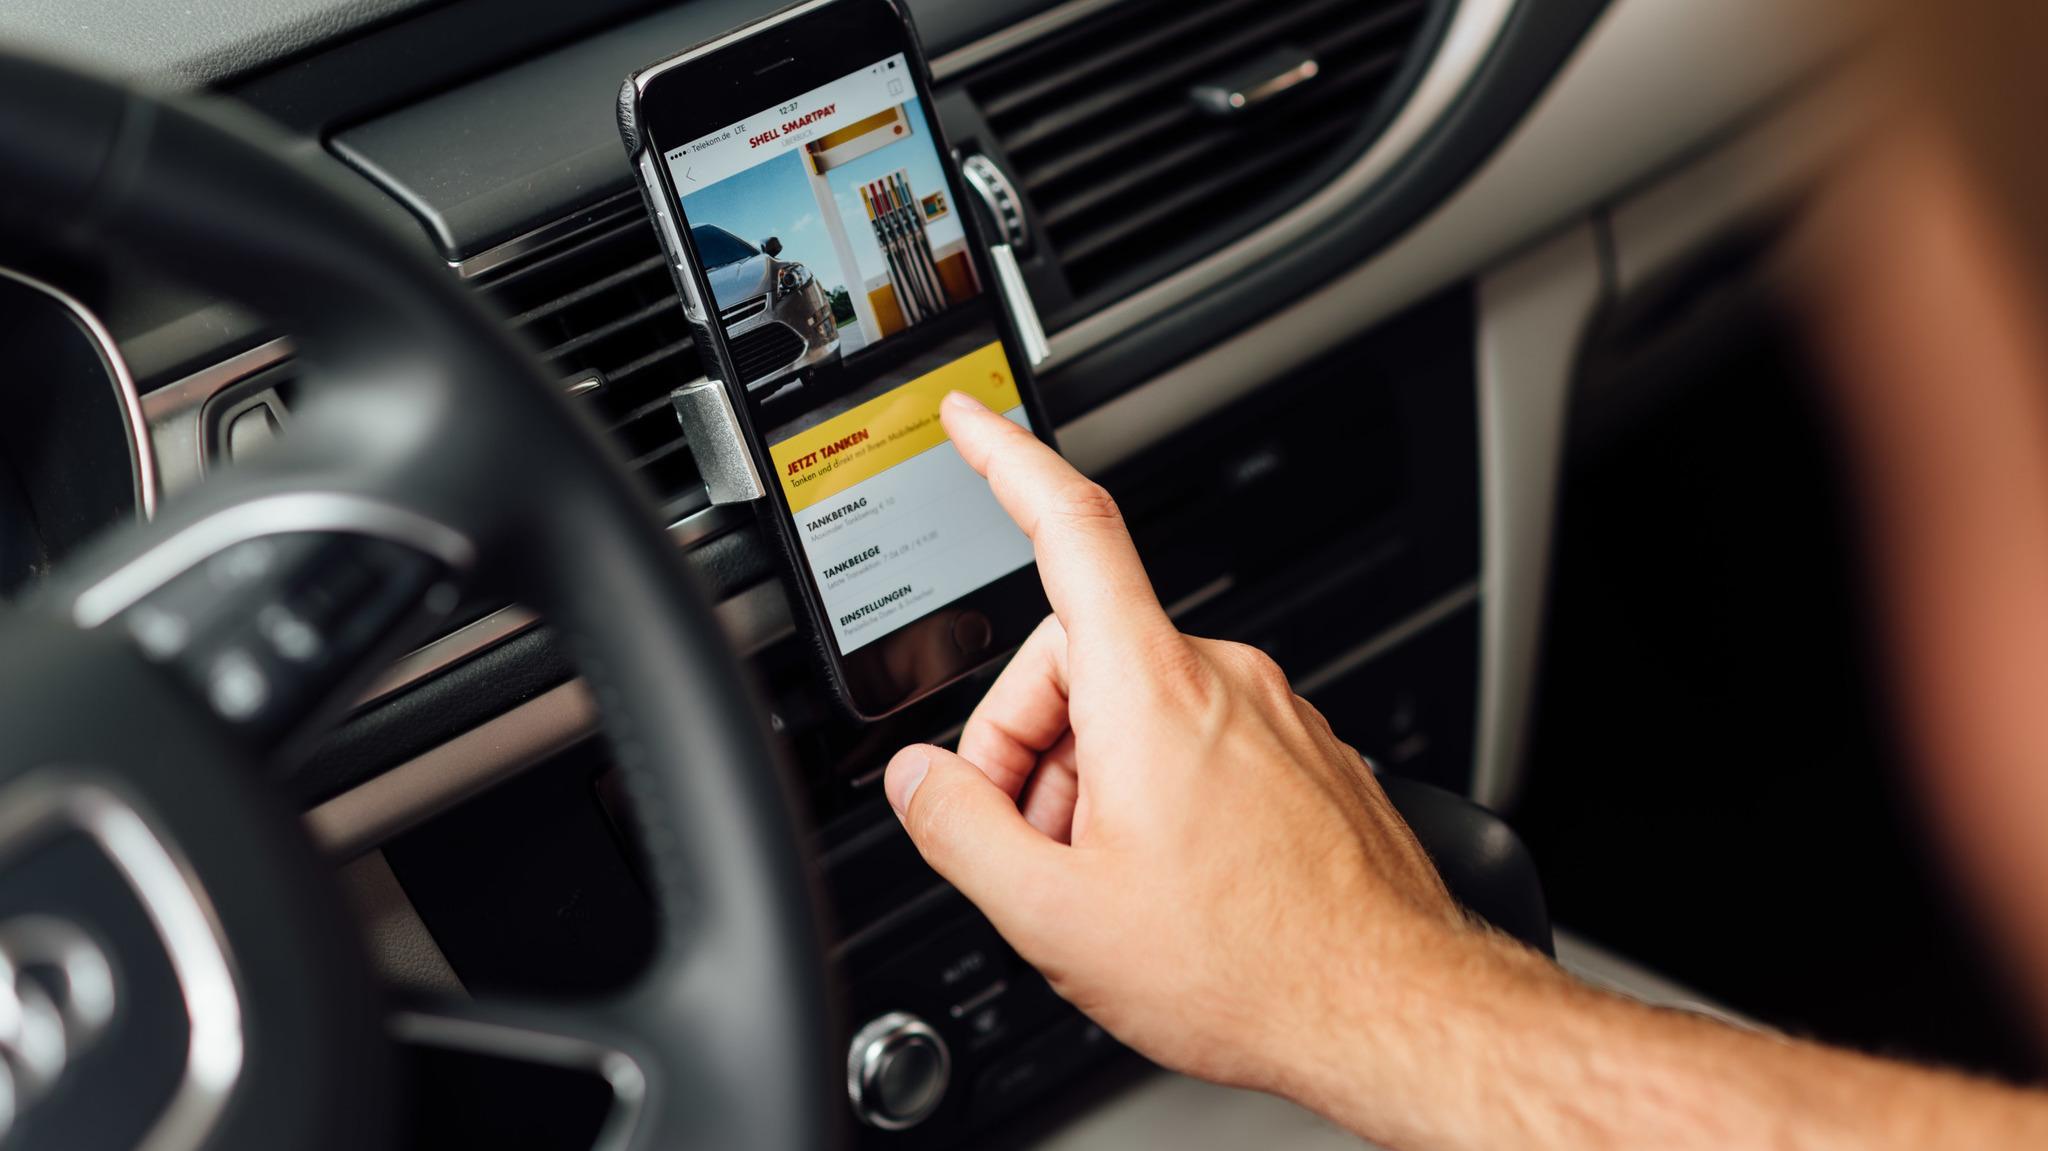 Paypal Guthaben Karte Tankstelle.Shell Und Paypal Bieten Mobiles Bezahlen An Tankstellen